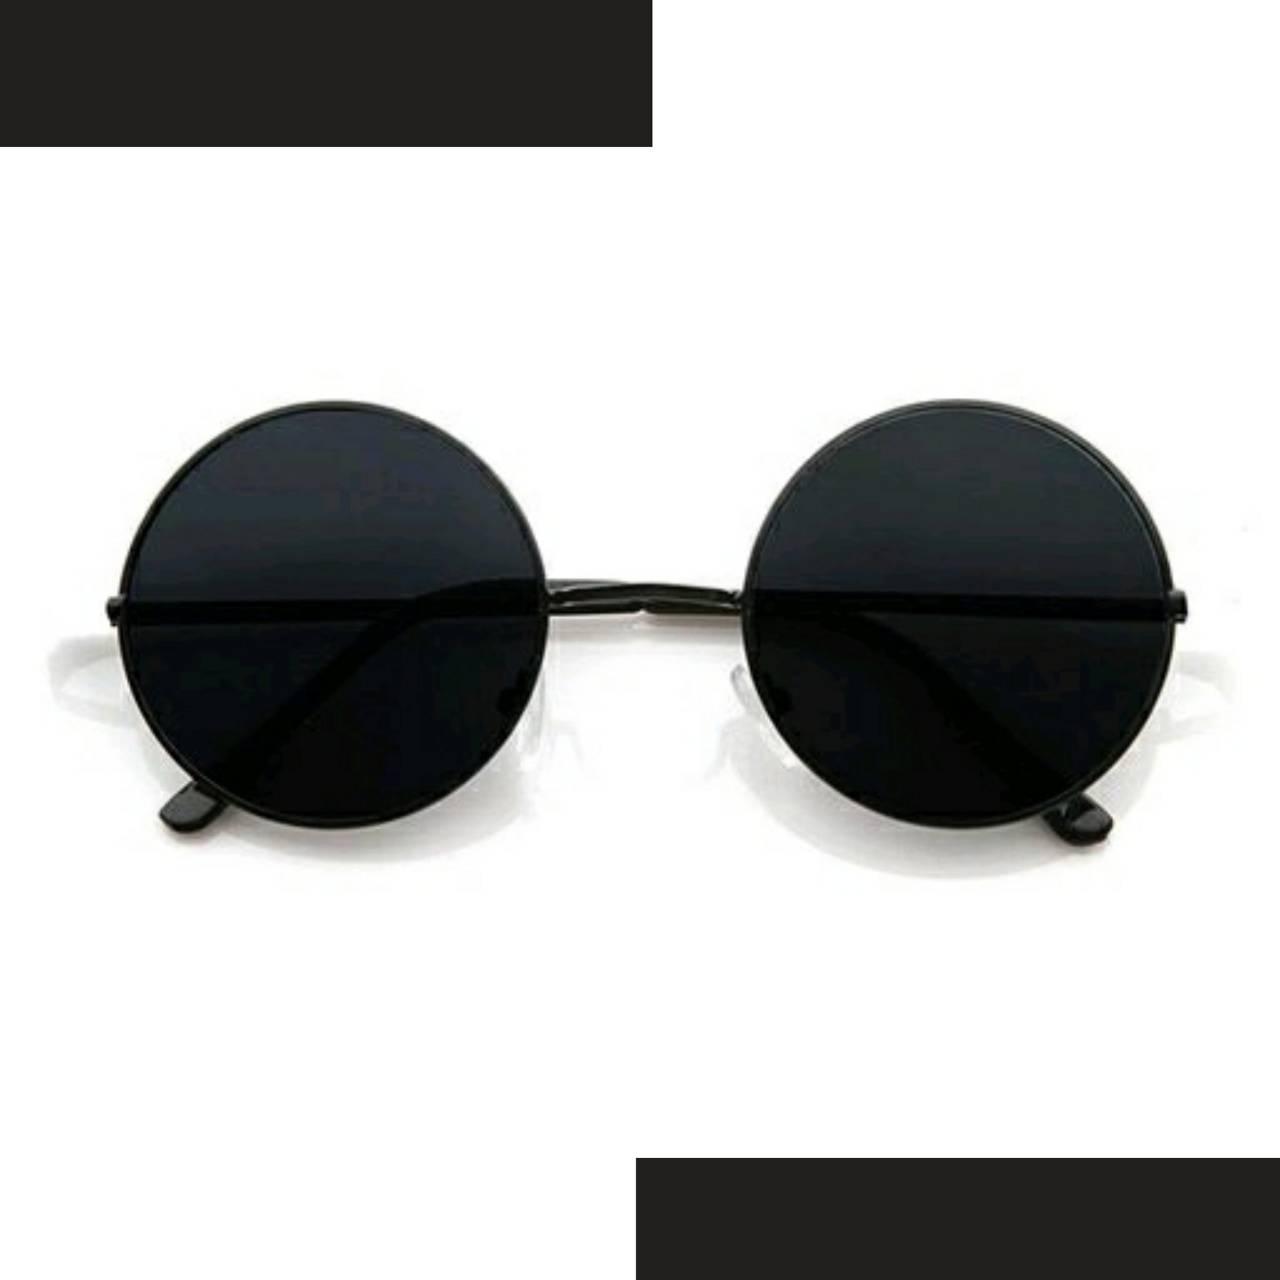 Swagy shades